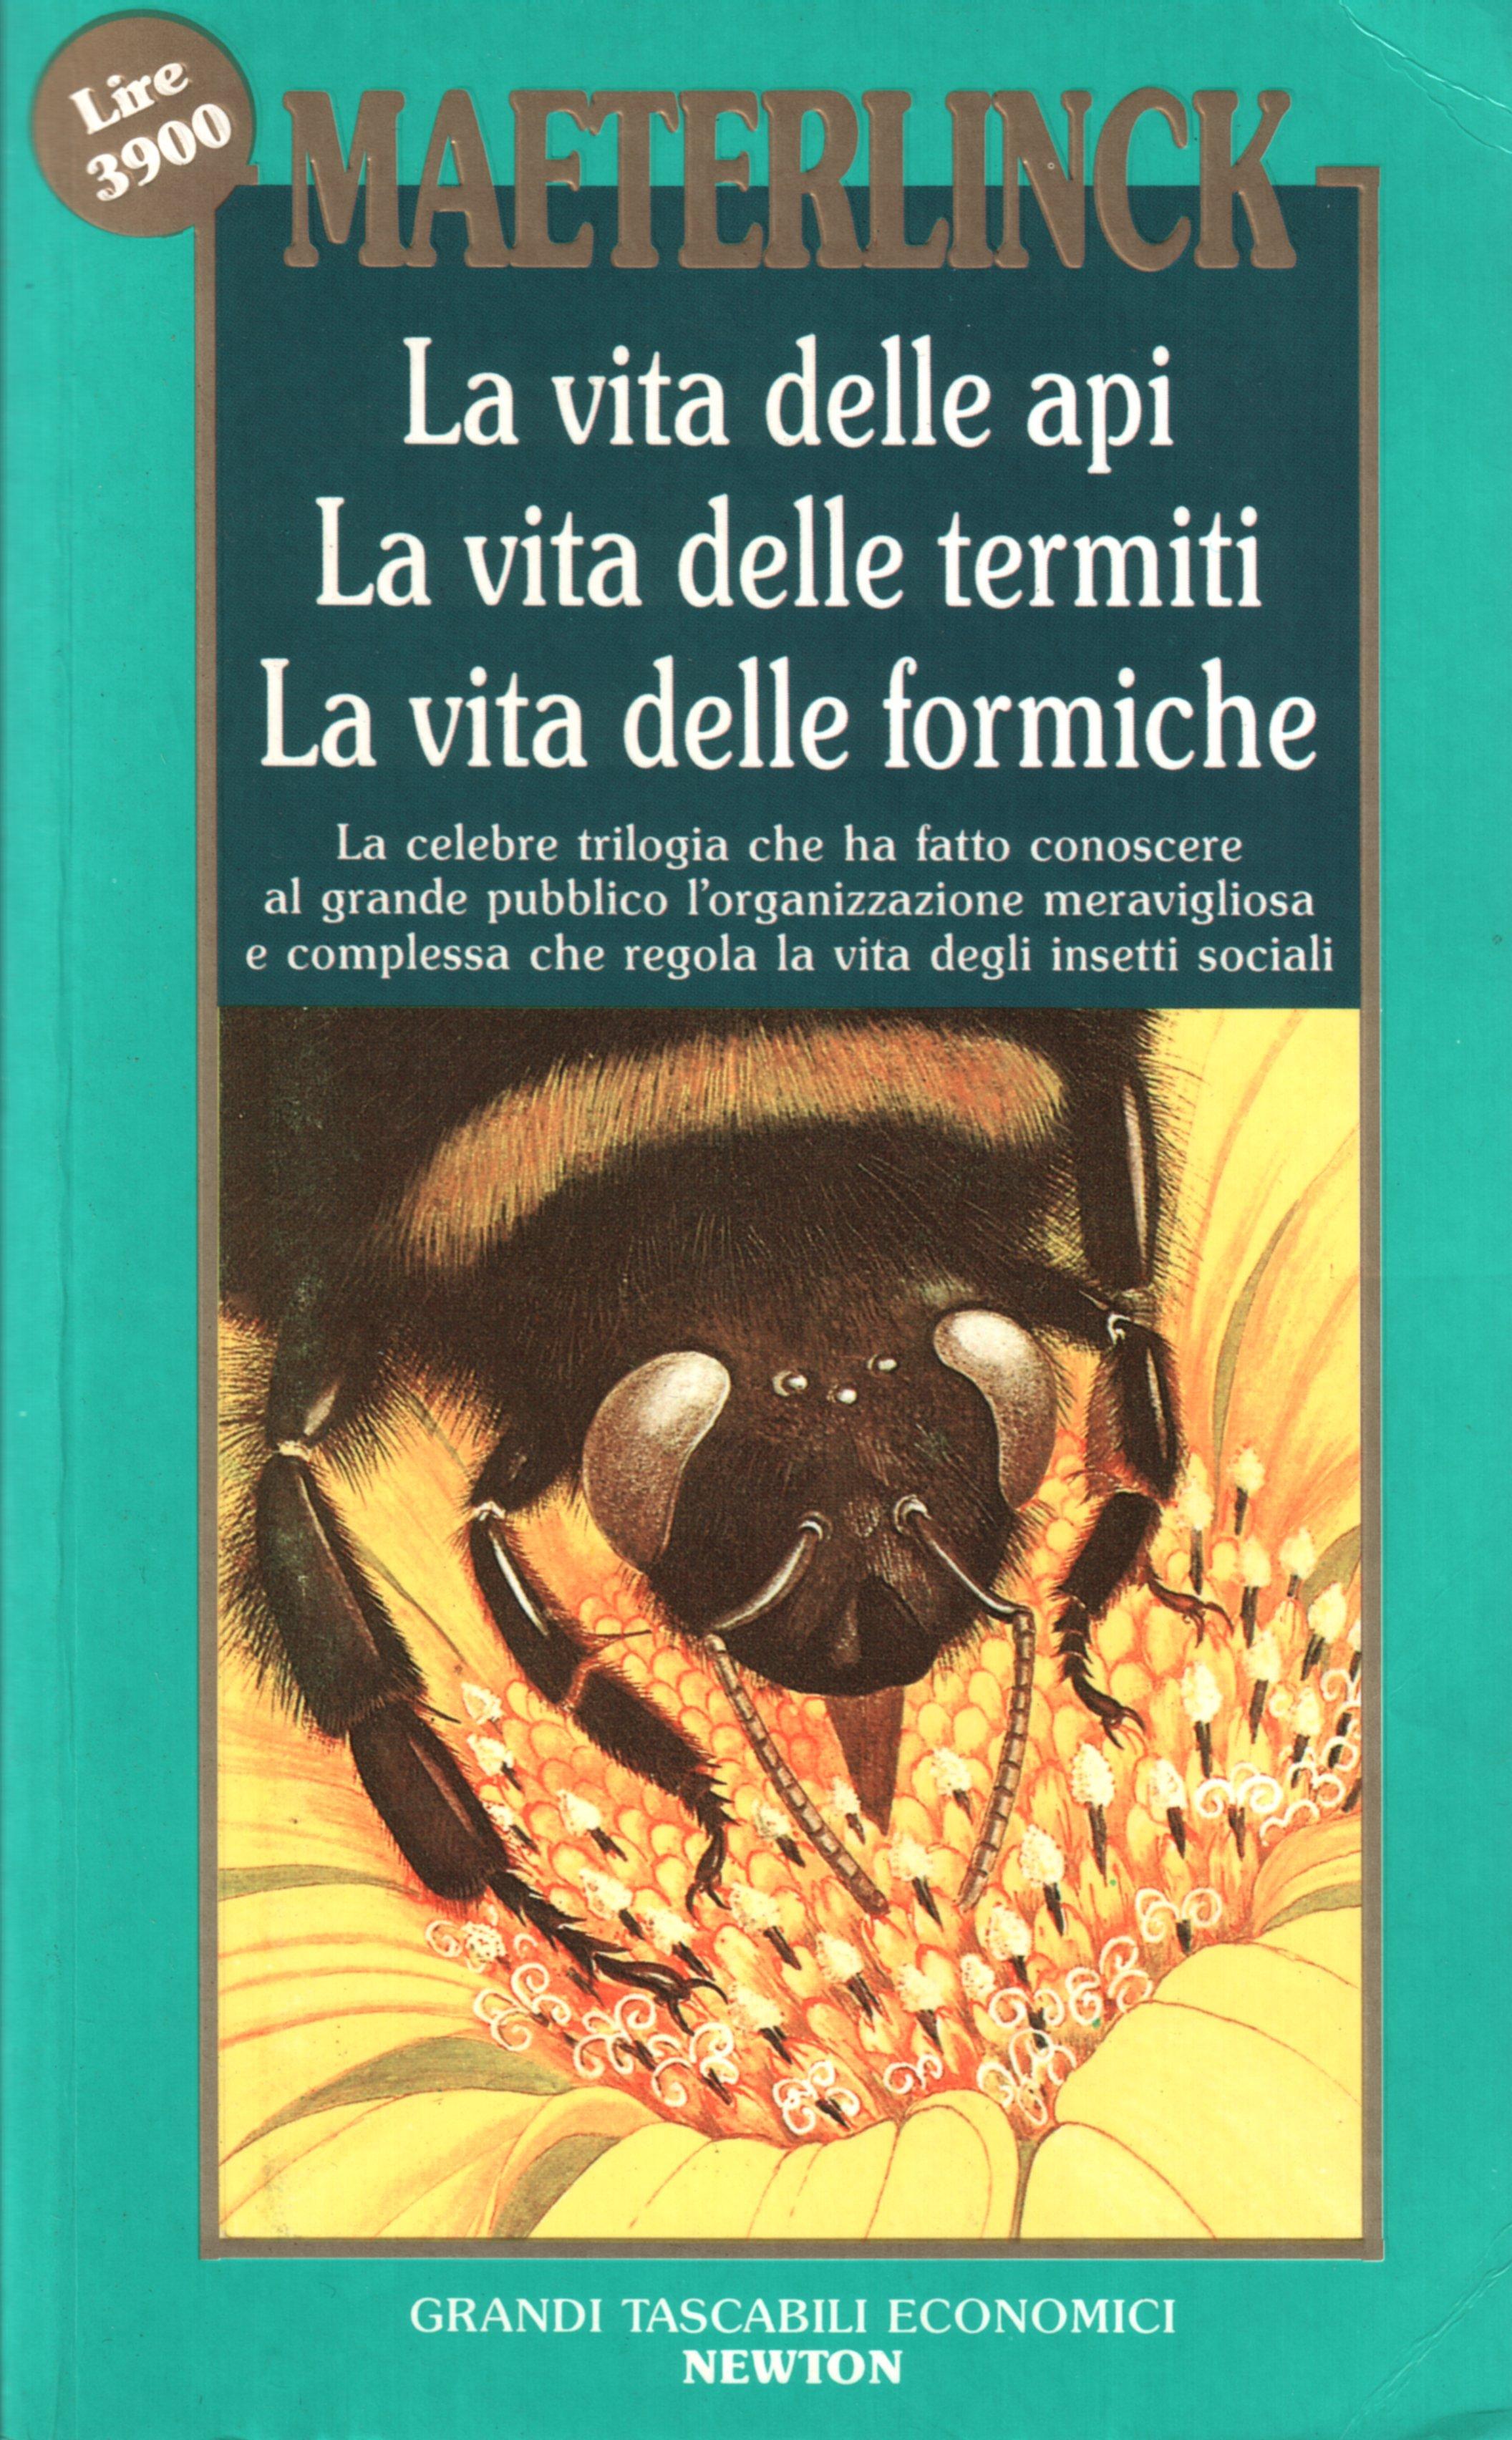 La vita della api - La vita delle termiti - La vita delle formiche